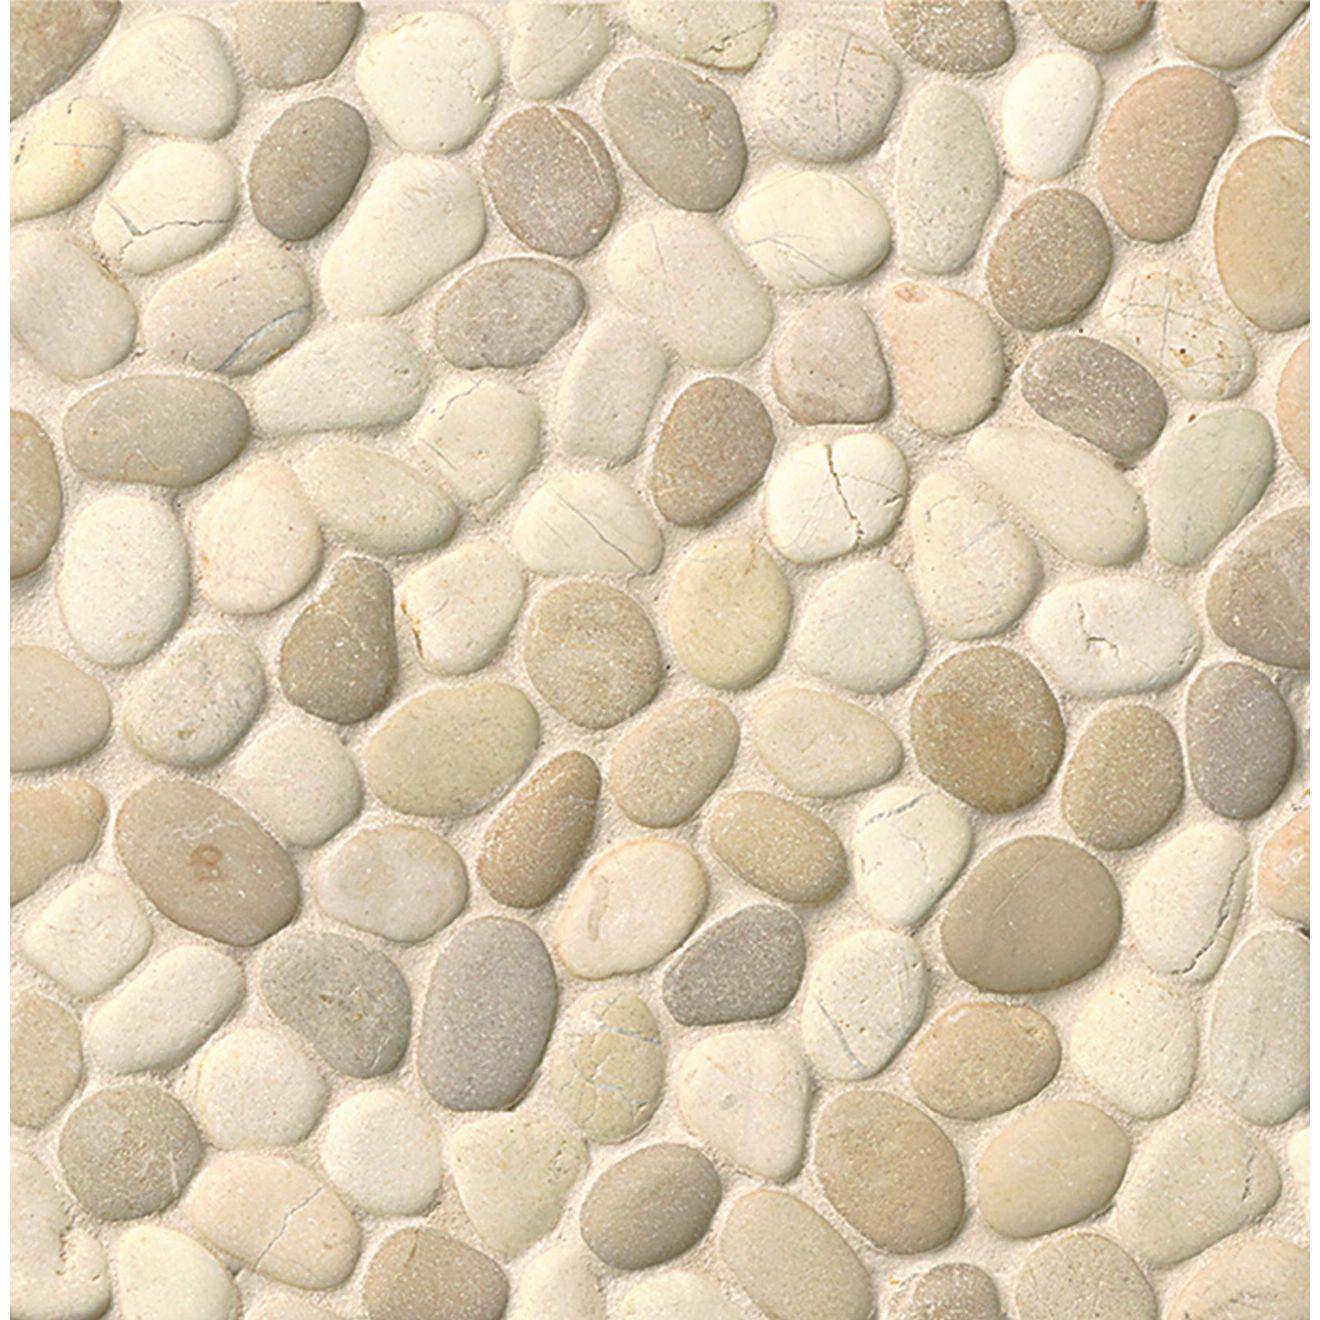 Hemisphere Floor & Wall Mosaic in Balboa